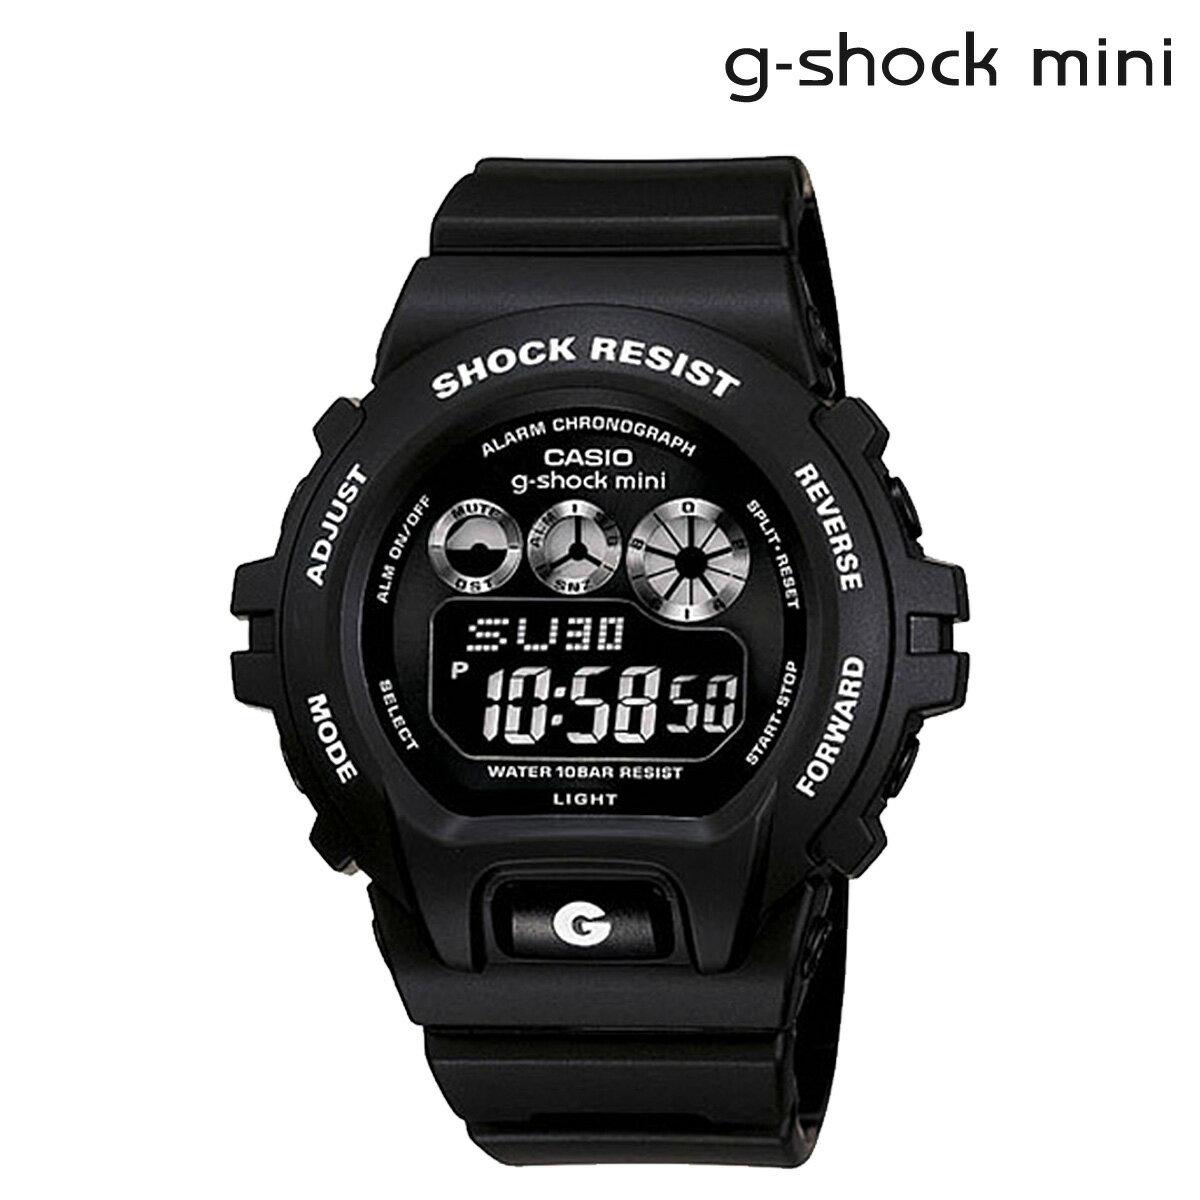 カシオ CASIO g-shock mini 腕時計 GMN-691-1AJF ジーショック ミニ Gショック G-ショック レディース [12/12 追加入荷]